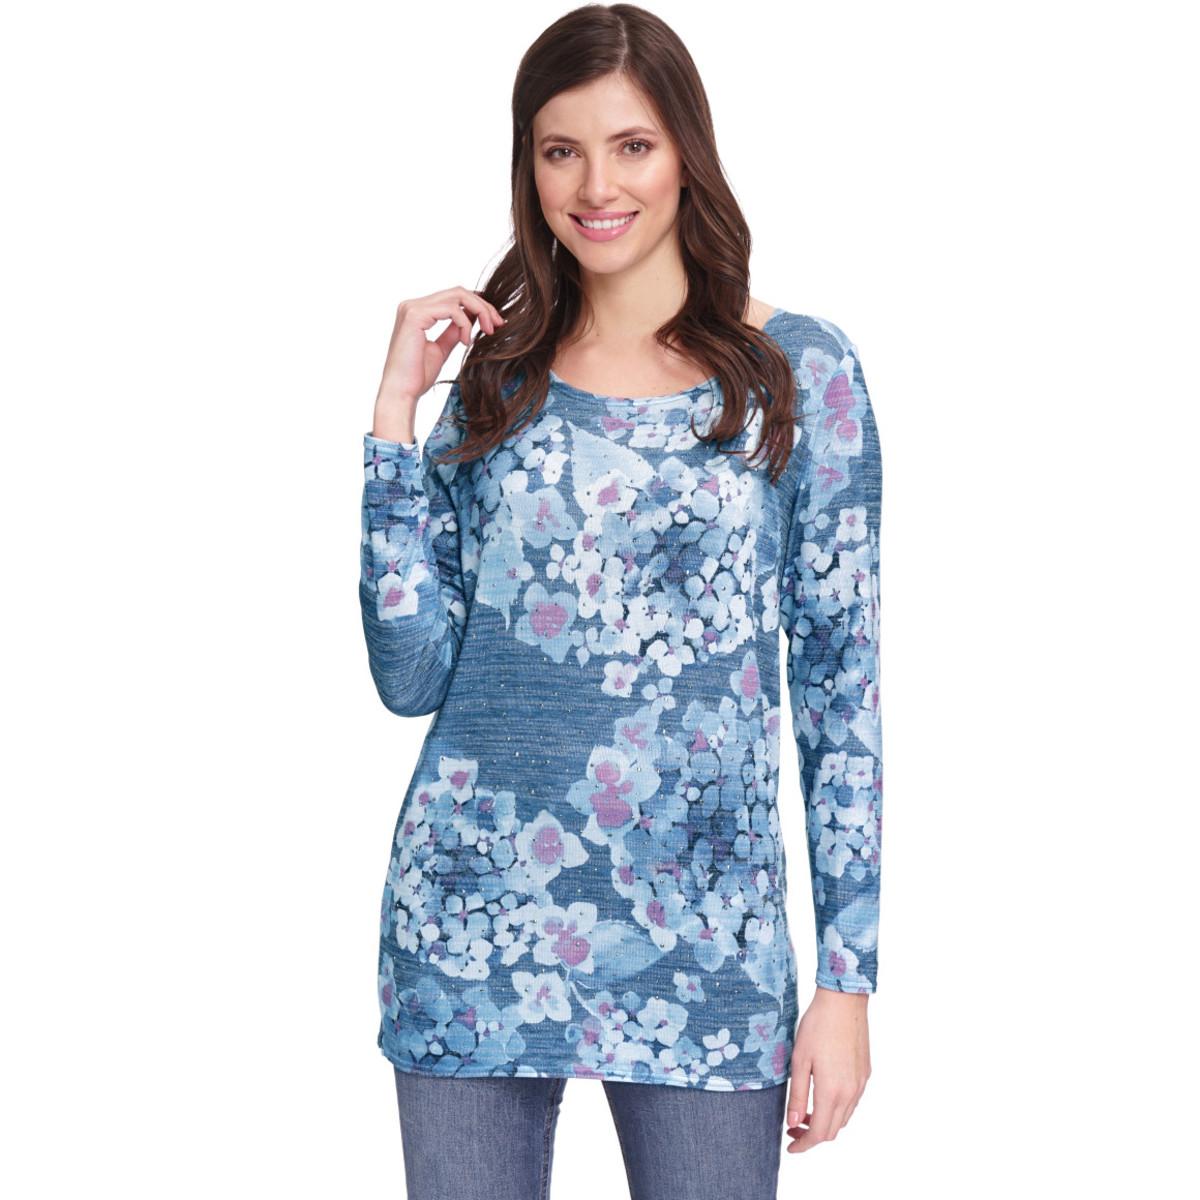 Bild 2 von Damen Pullover mit Ziersteinchen